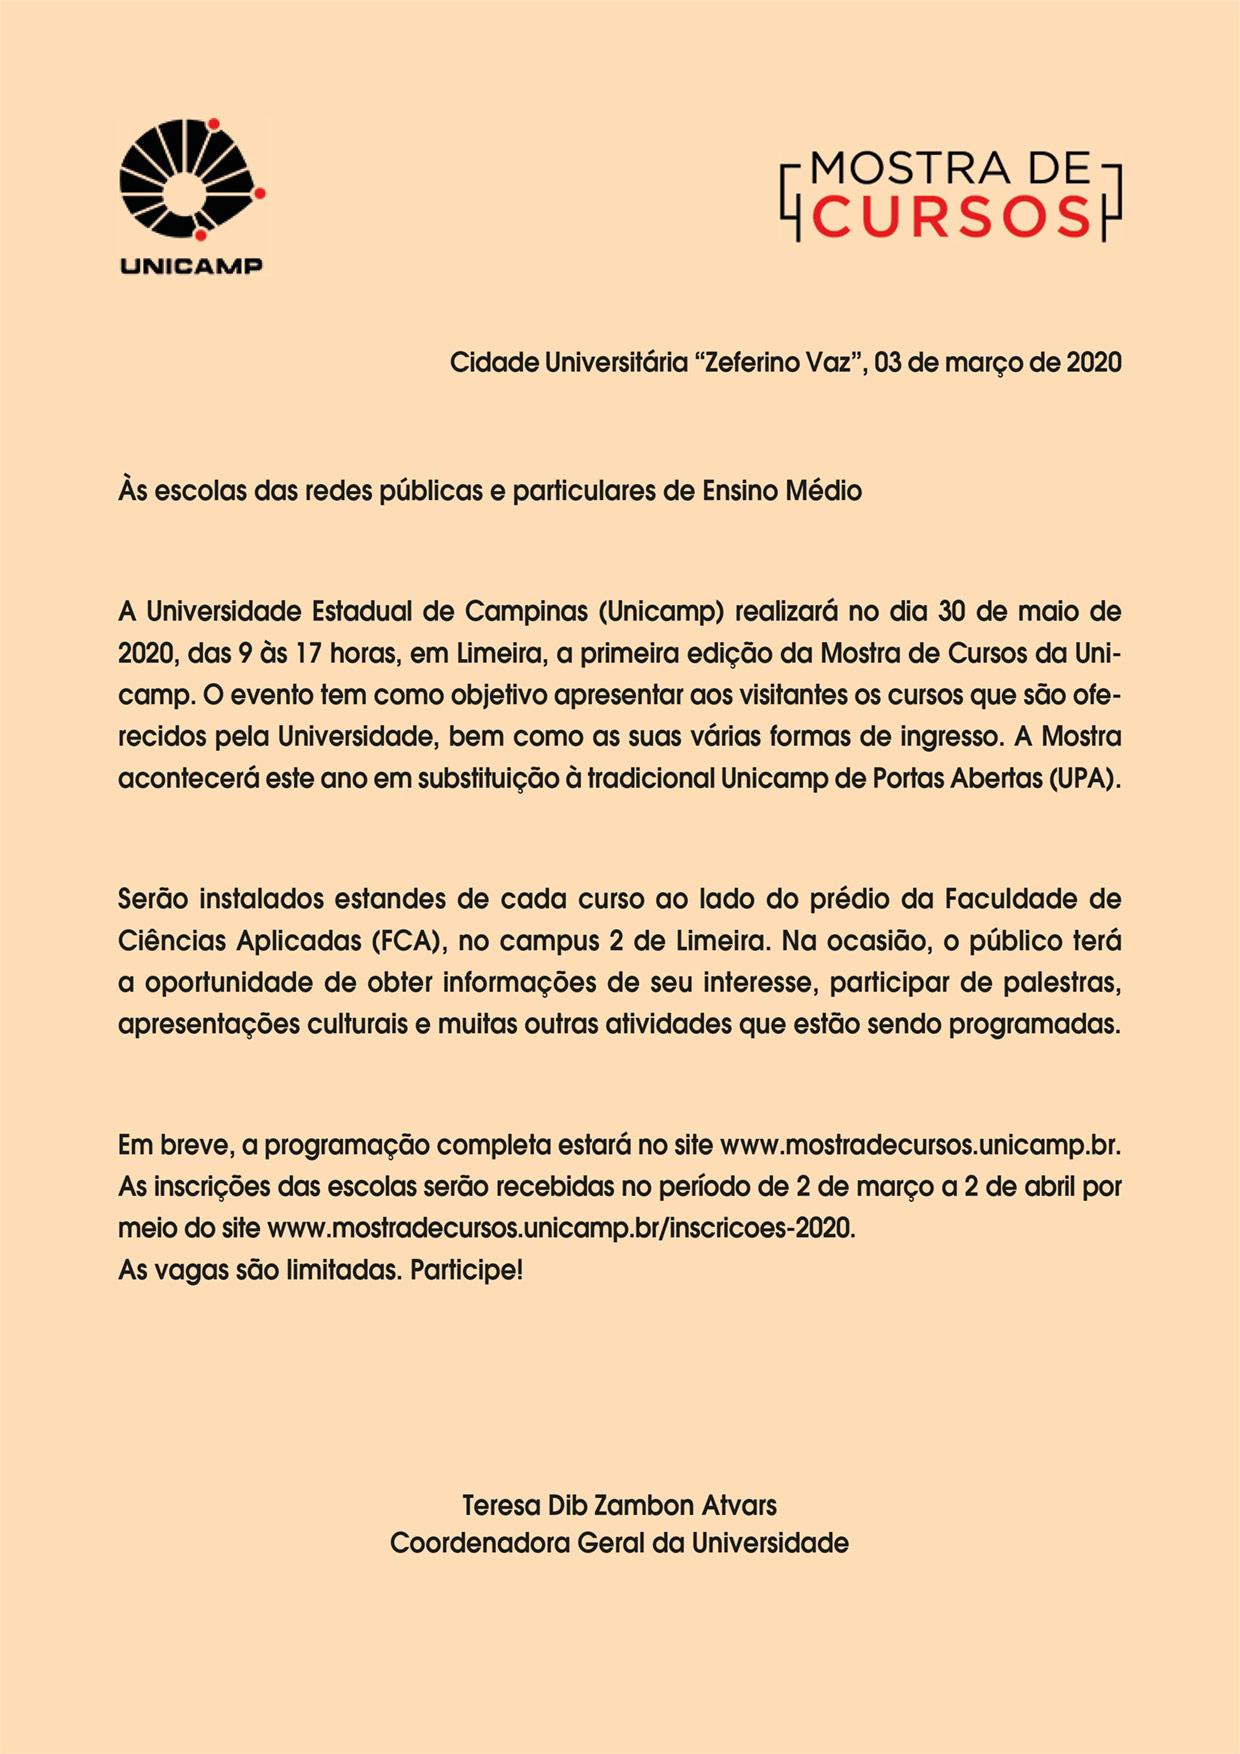 UNICAMP – 30/05/2020 - Mostra de Cursos em Limeira